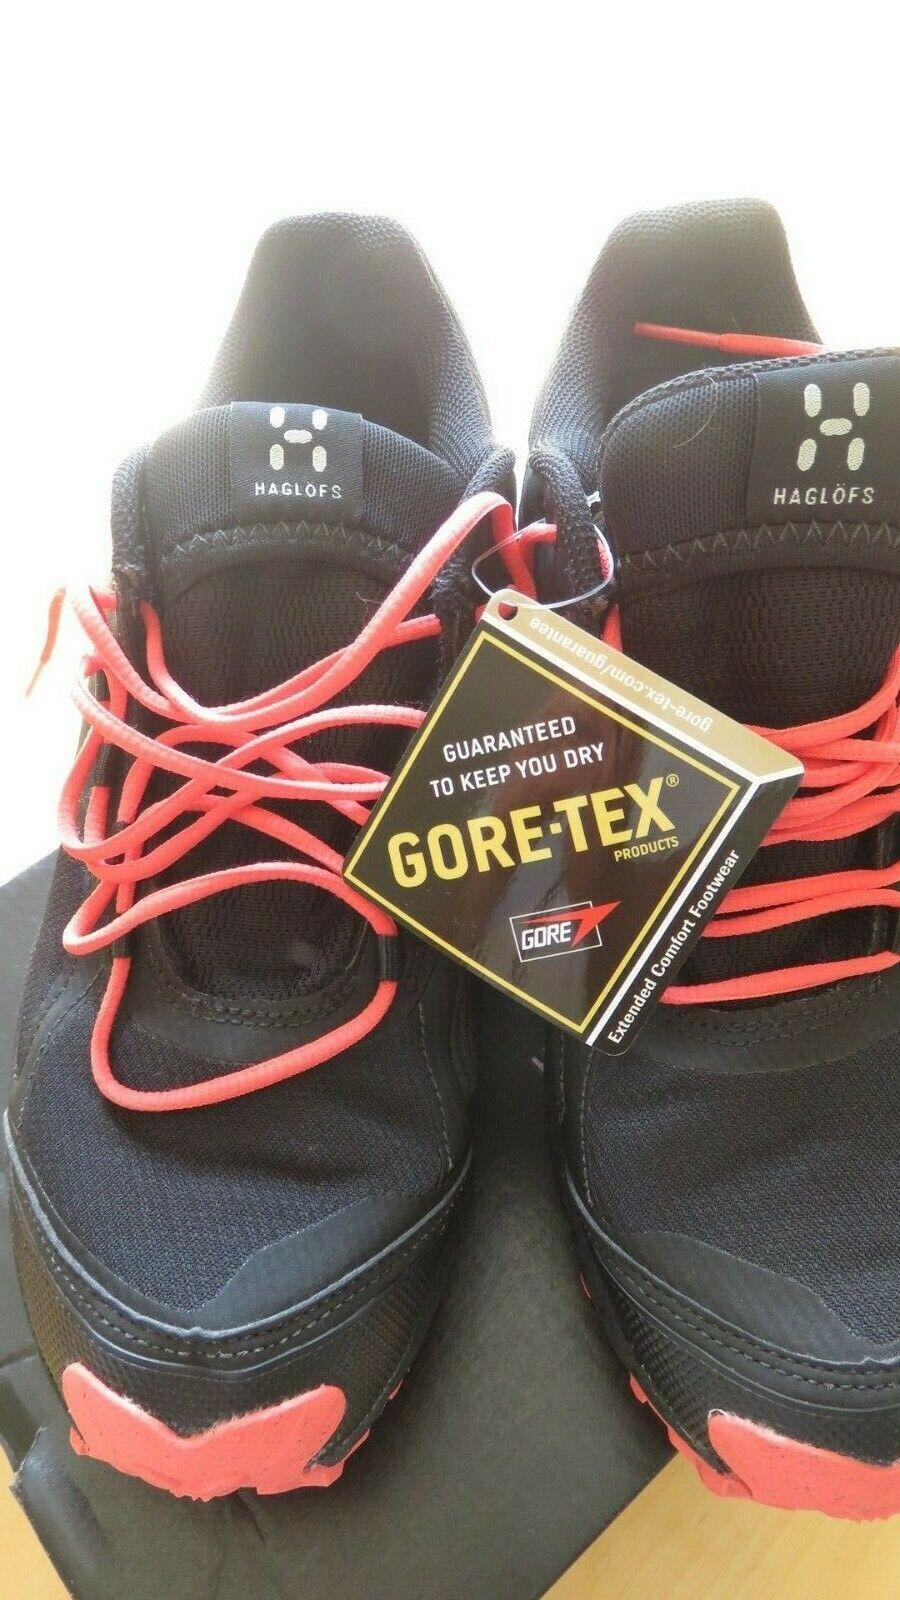 Haglofs Mujer  Zapatos Gram AM 2 GT Gore TEX Tamaño 6 7 (Pequeño Ajuste)  barato